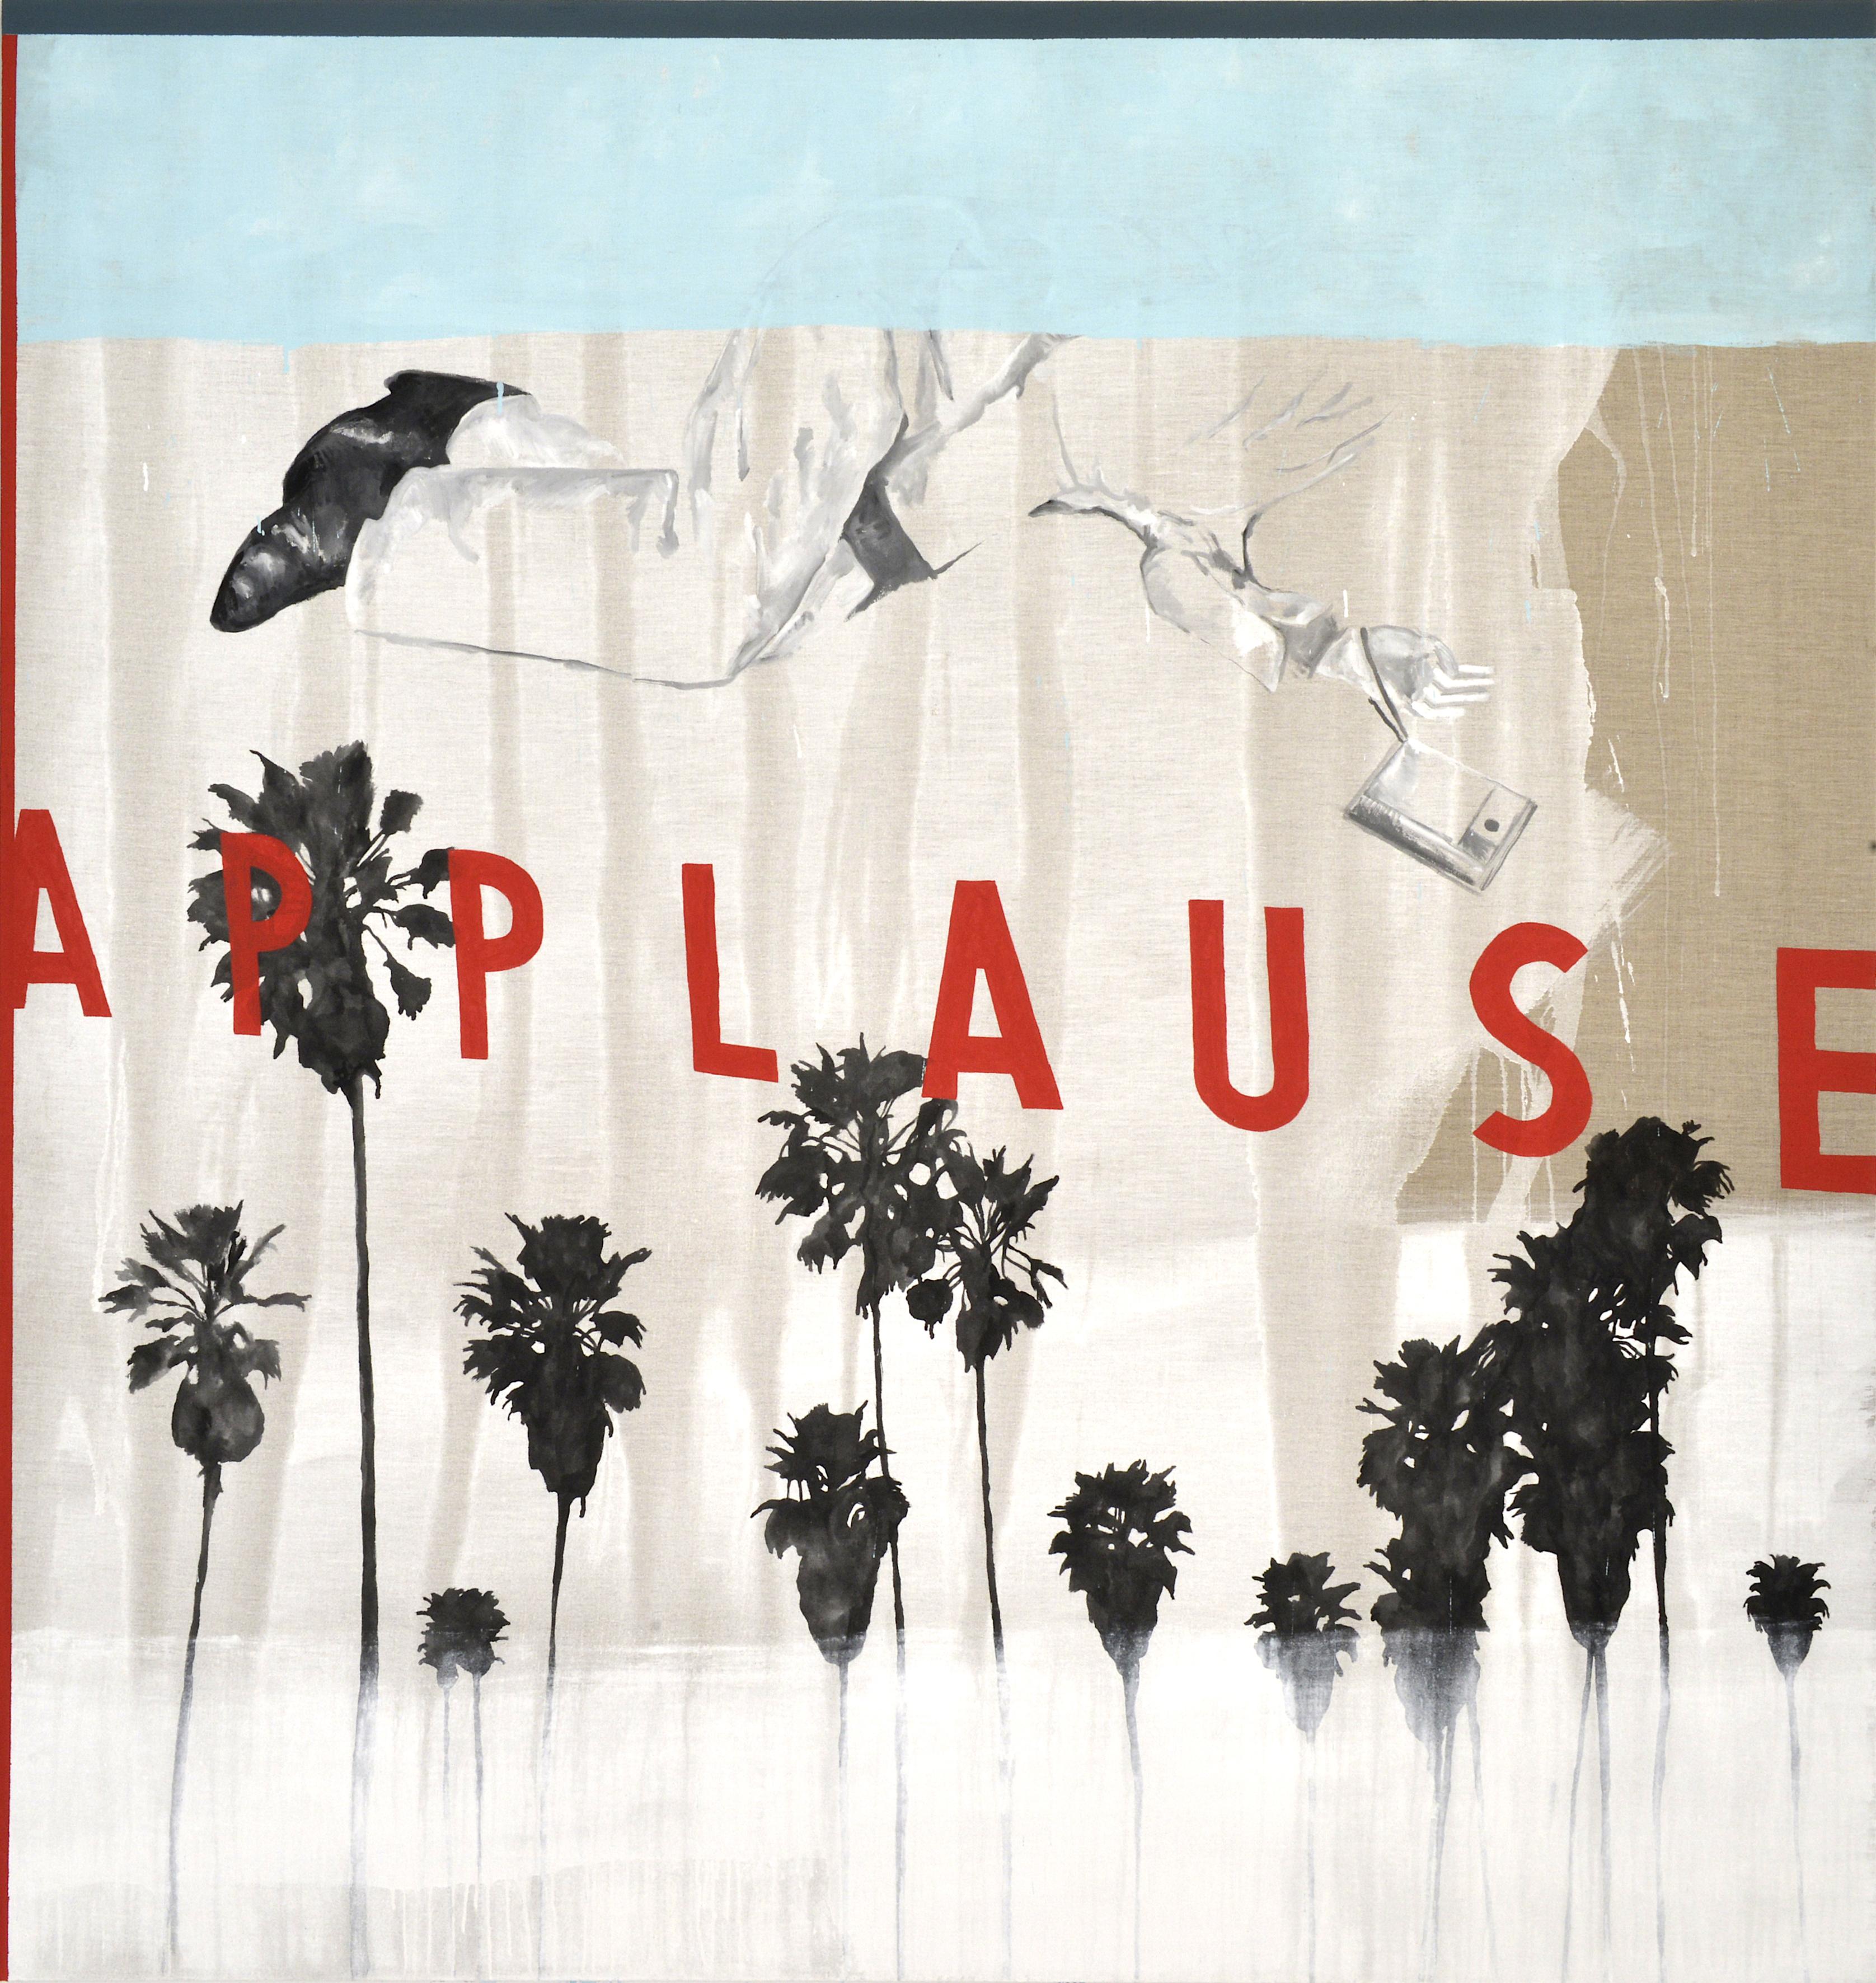 """""""Applause"""" (dettaglio dell'opera), 2018, tecnica mista su lino, 190 x 180 cm, Courtesy l'artista"""